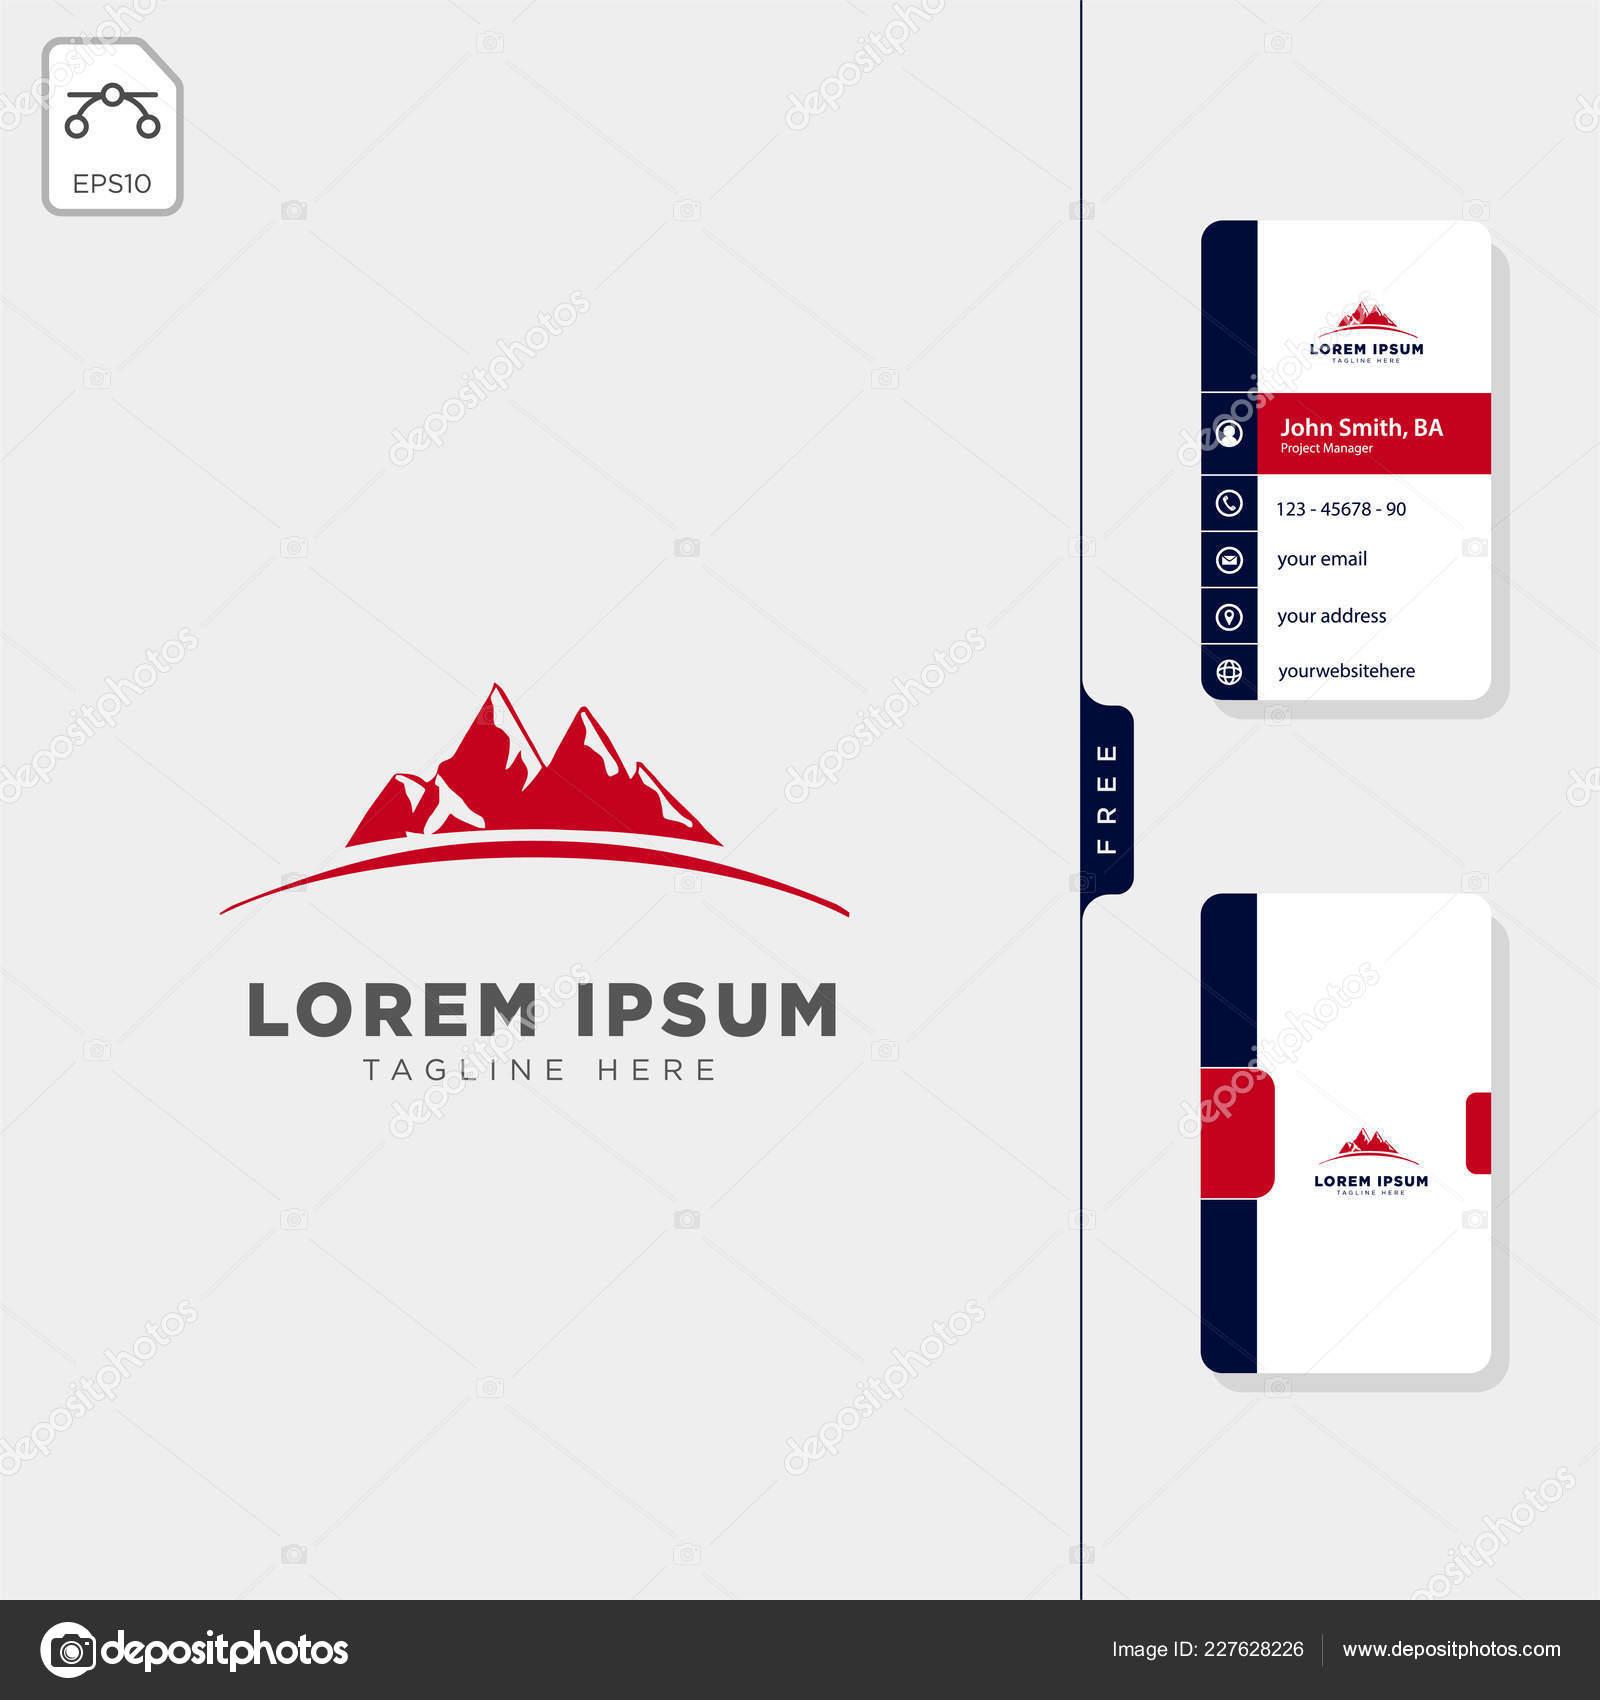 Modele De Conception Montagne Carte Navigator Logo Visite Gratuit Vecteur Par